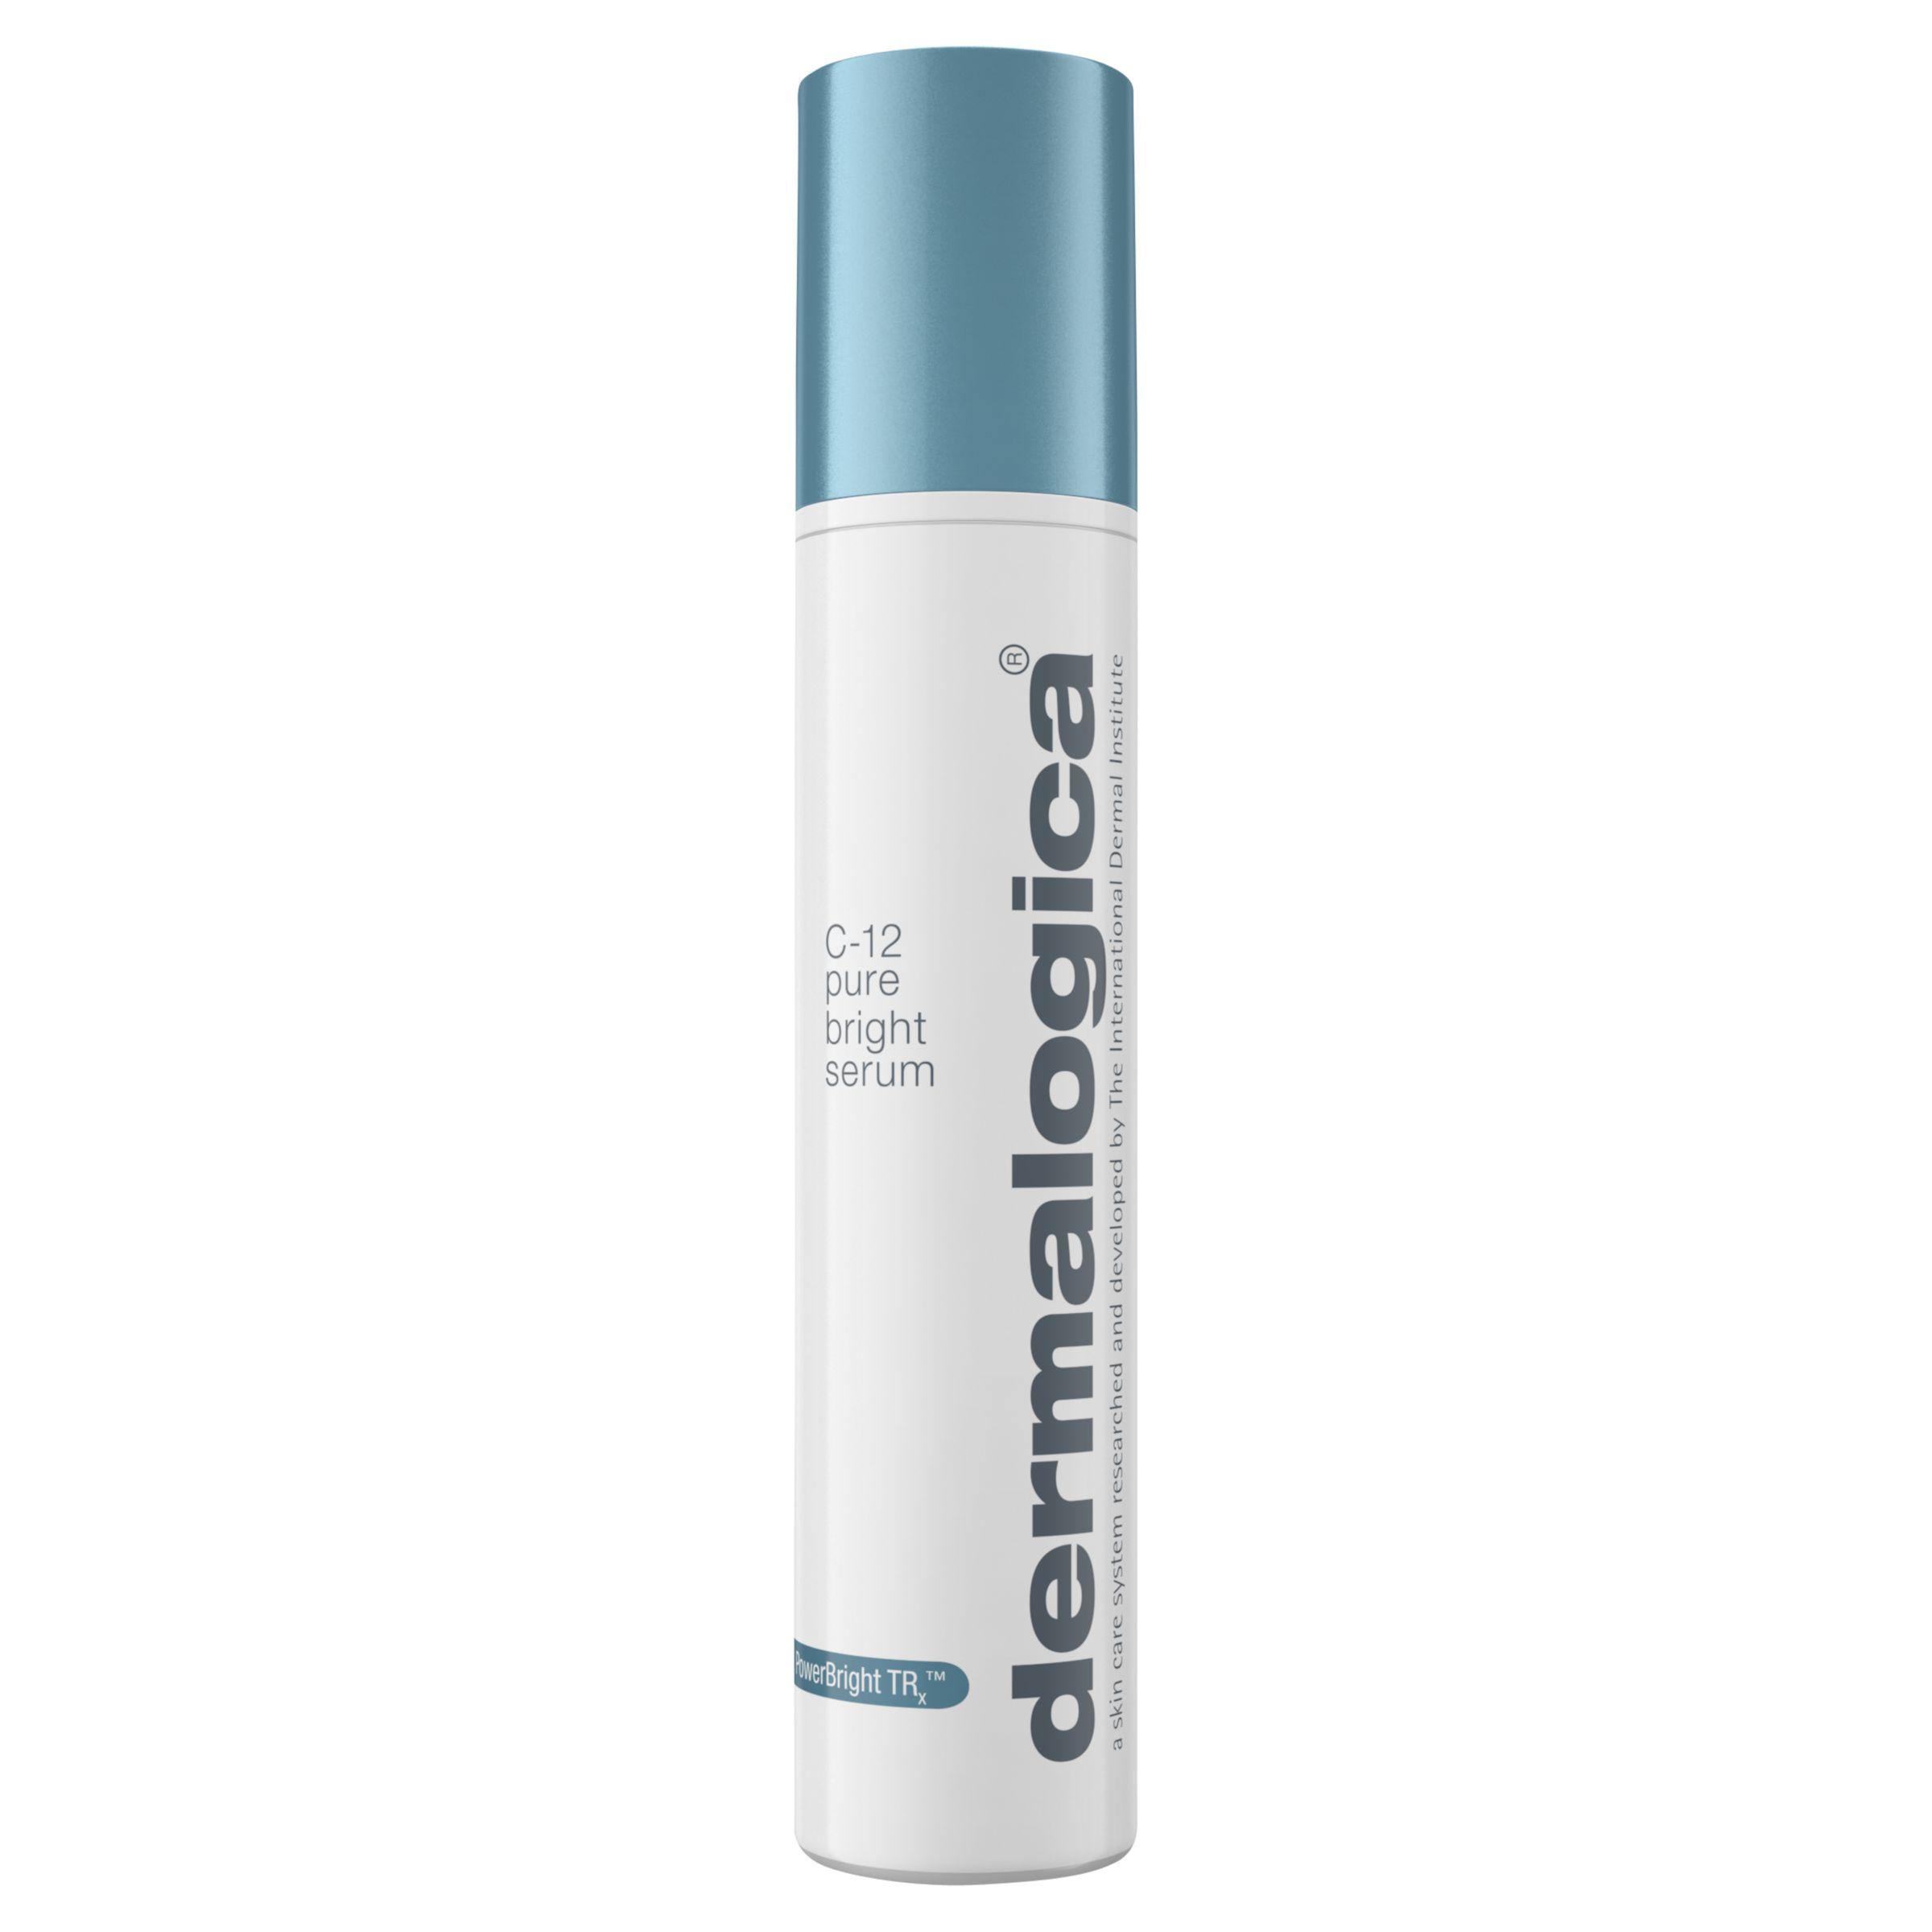 6786e7f2f56 Dermalogica PowerBright TRx™ C-12 Pure Bright Serum